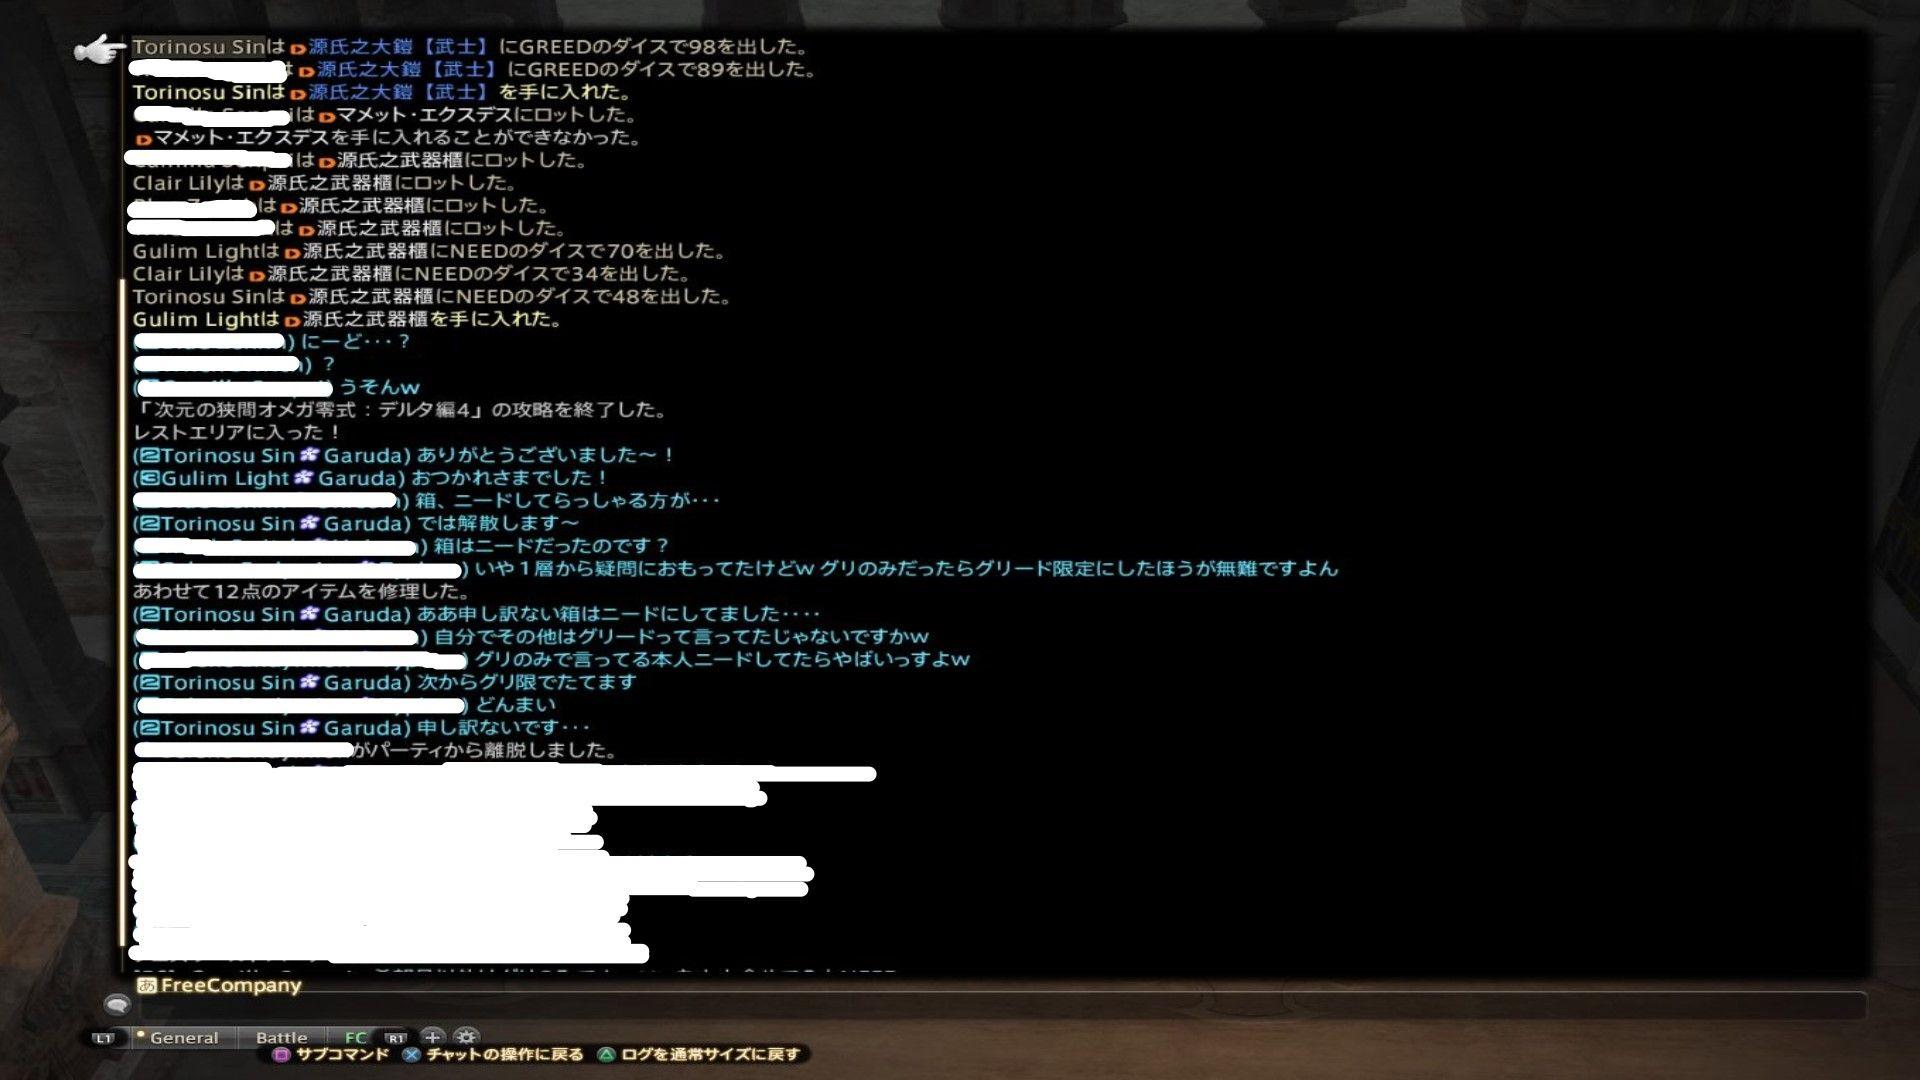 【新生FF14】ガルーダ鯖スレ part2【Garuda】 [無断転載禁止] YouTube動画>1本 ->画像>40枚